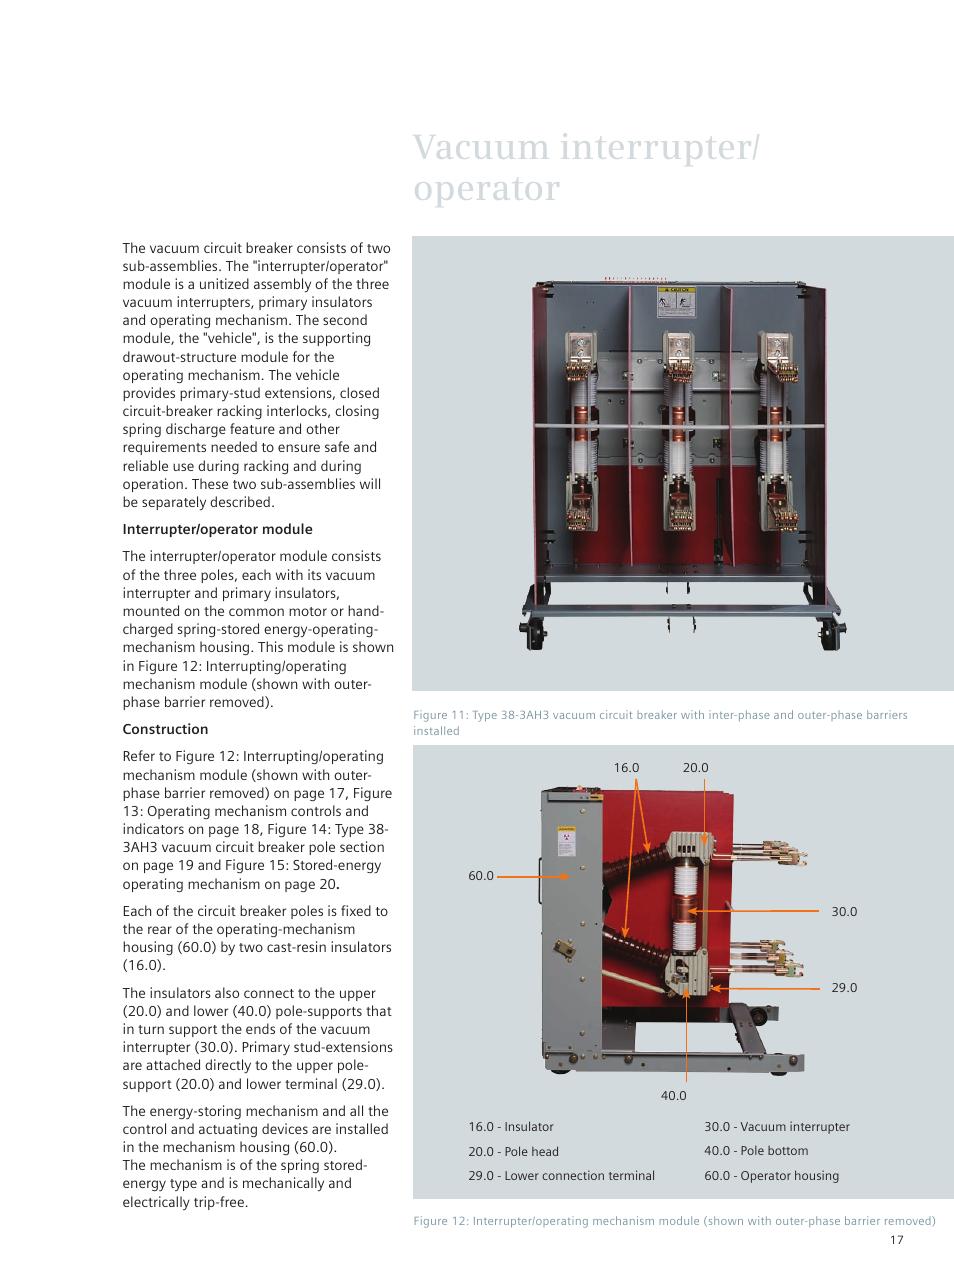 Vacuum interrupter/ operator | Siemens vacuum circuit